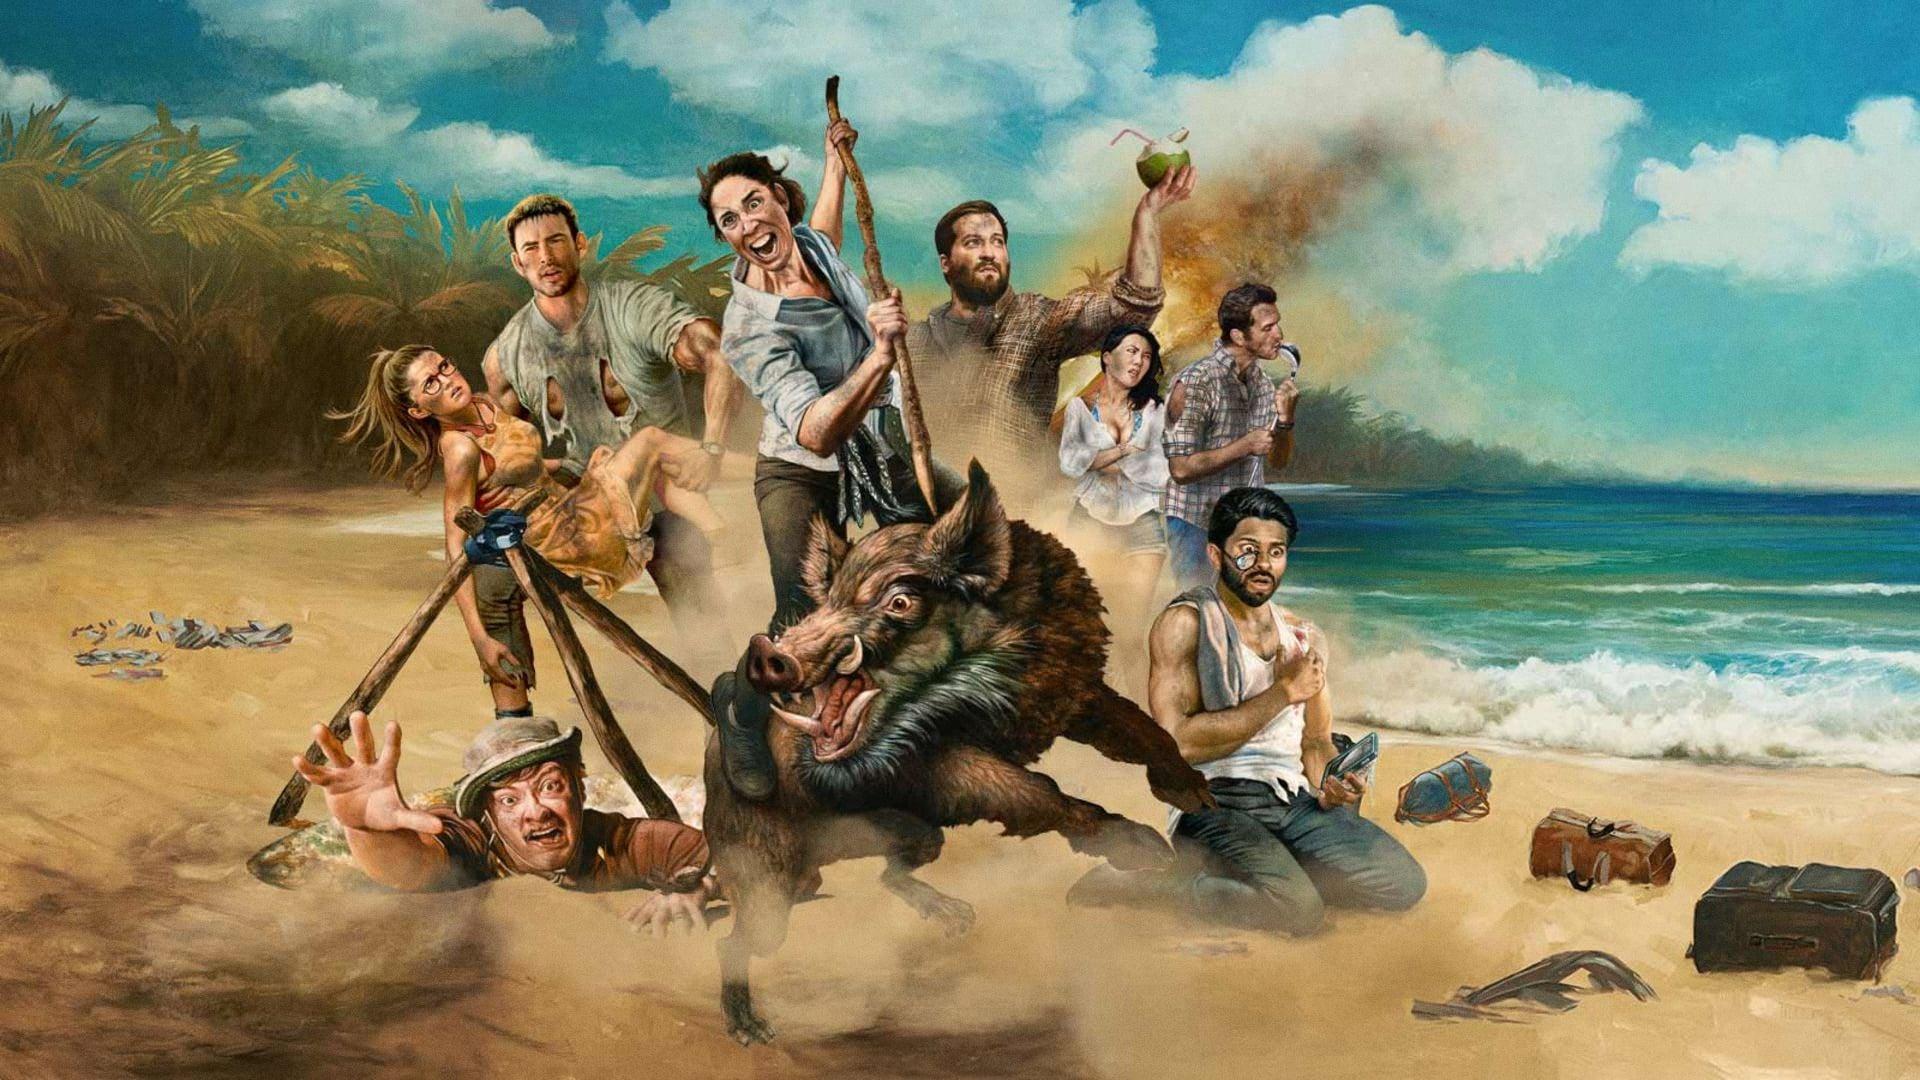 Le 10 migliori serie TV divertenti 2